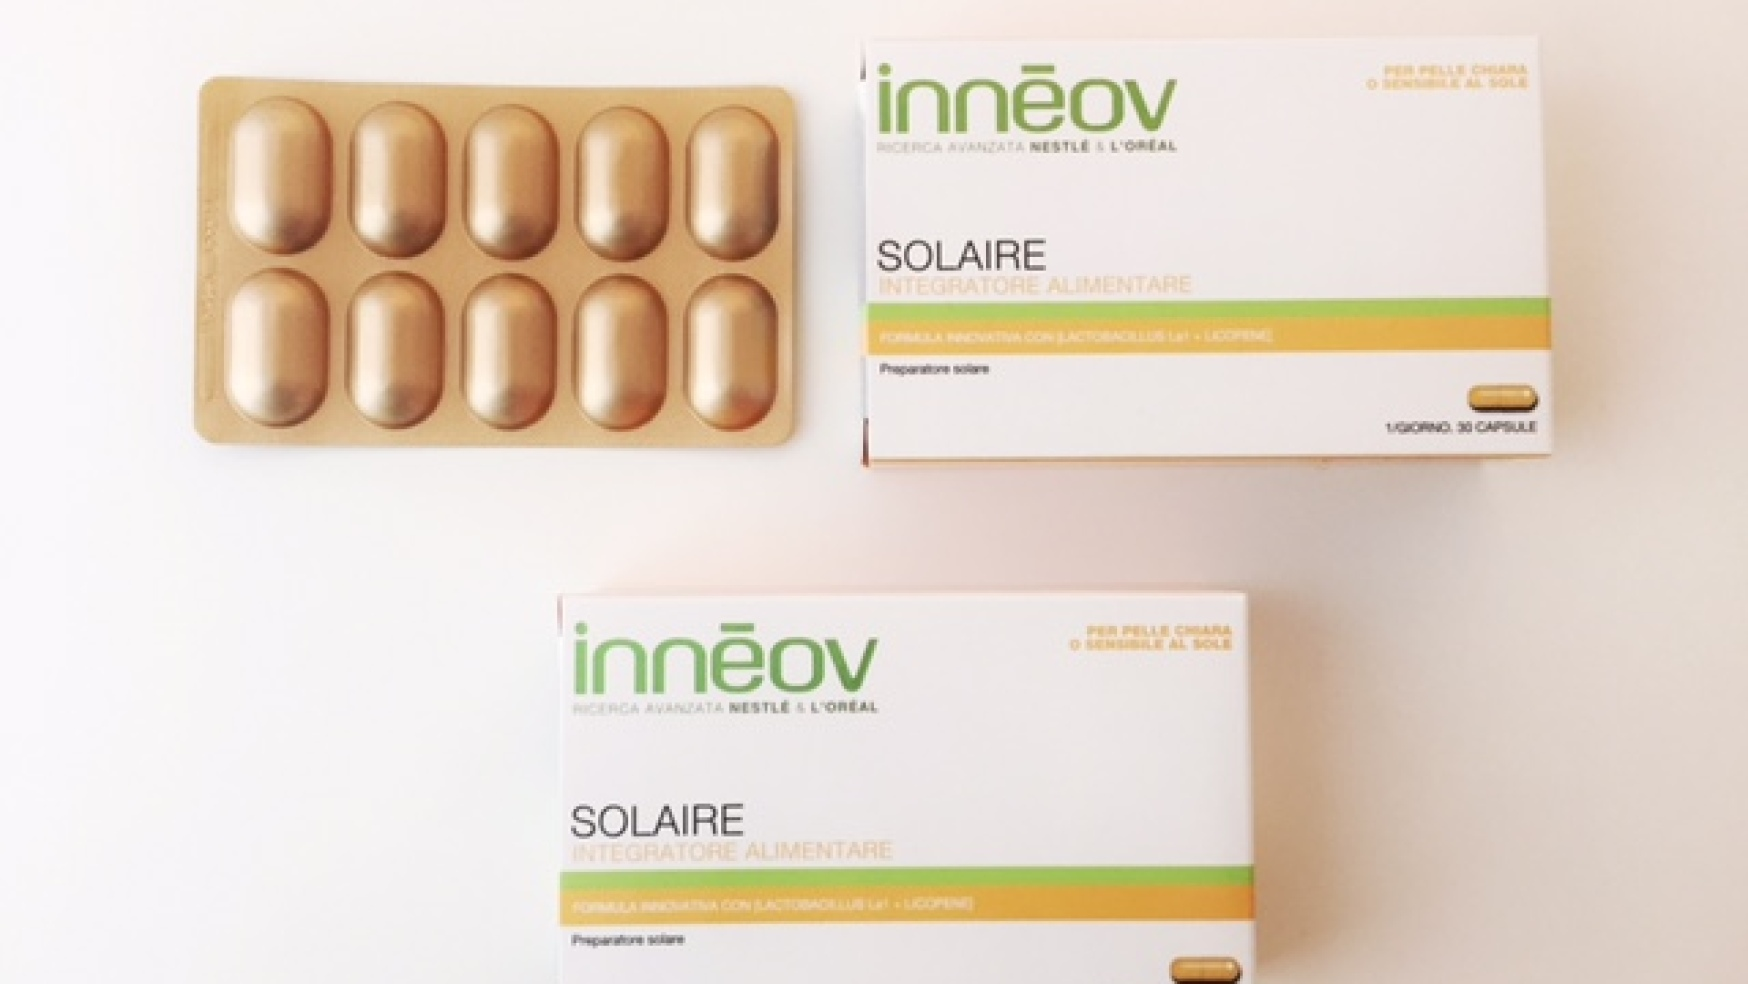 Inneov – preparatore solare